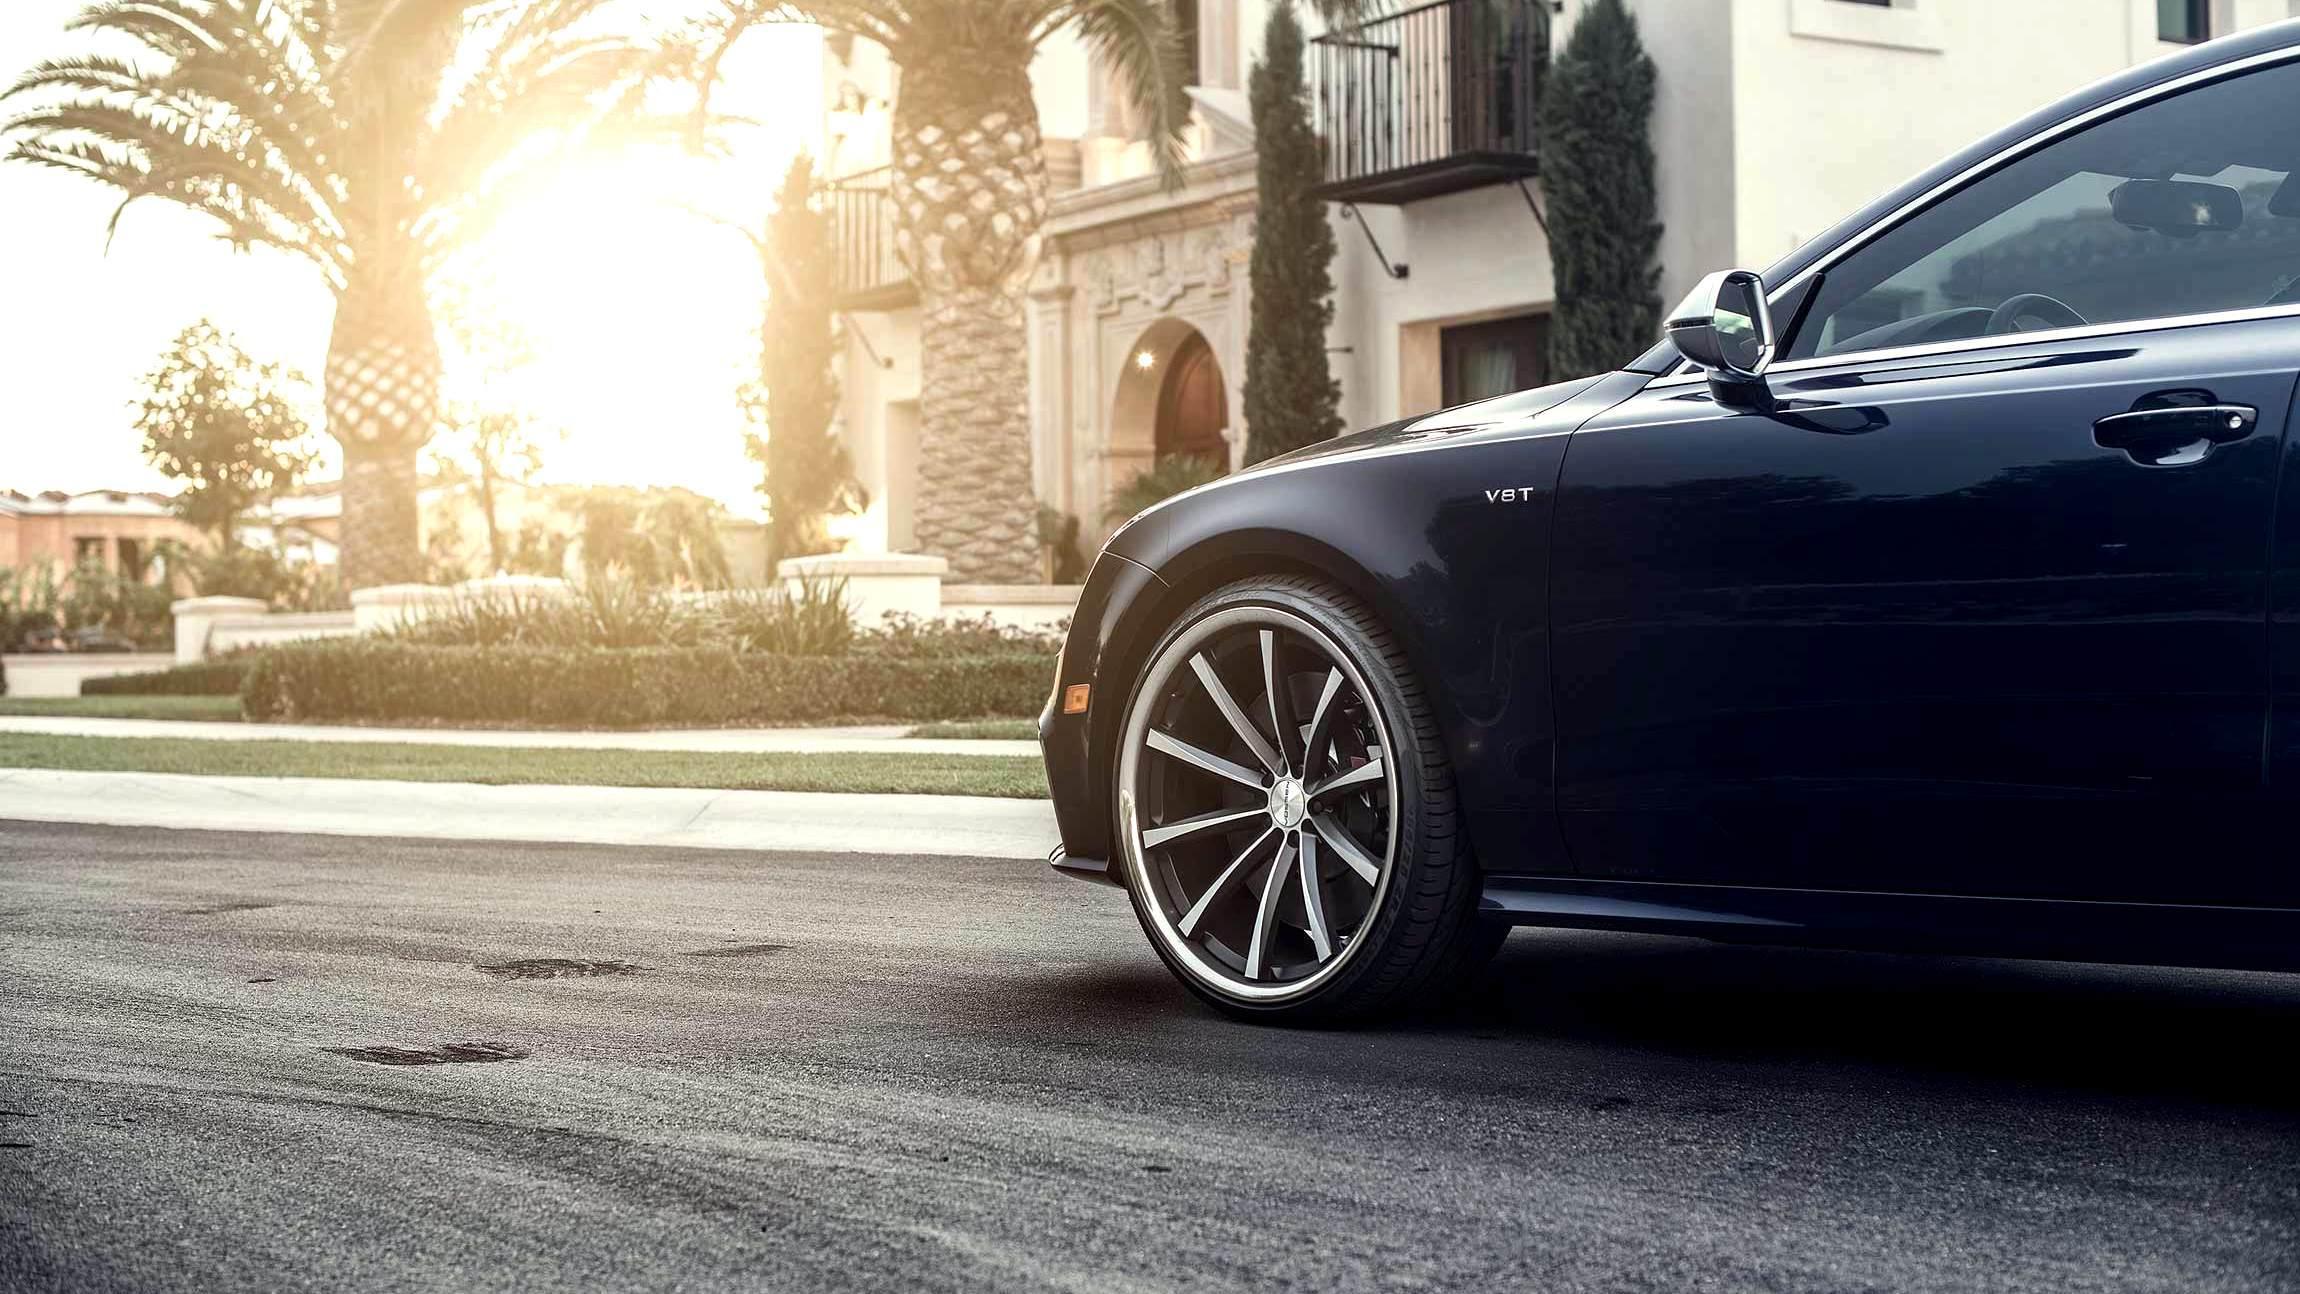 Audi A7 Fond D Ecran Hd Arriere Plan 2300x1294 Id 447470